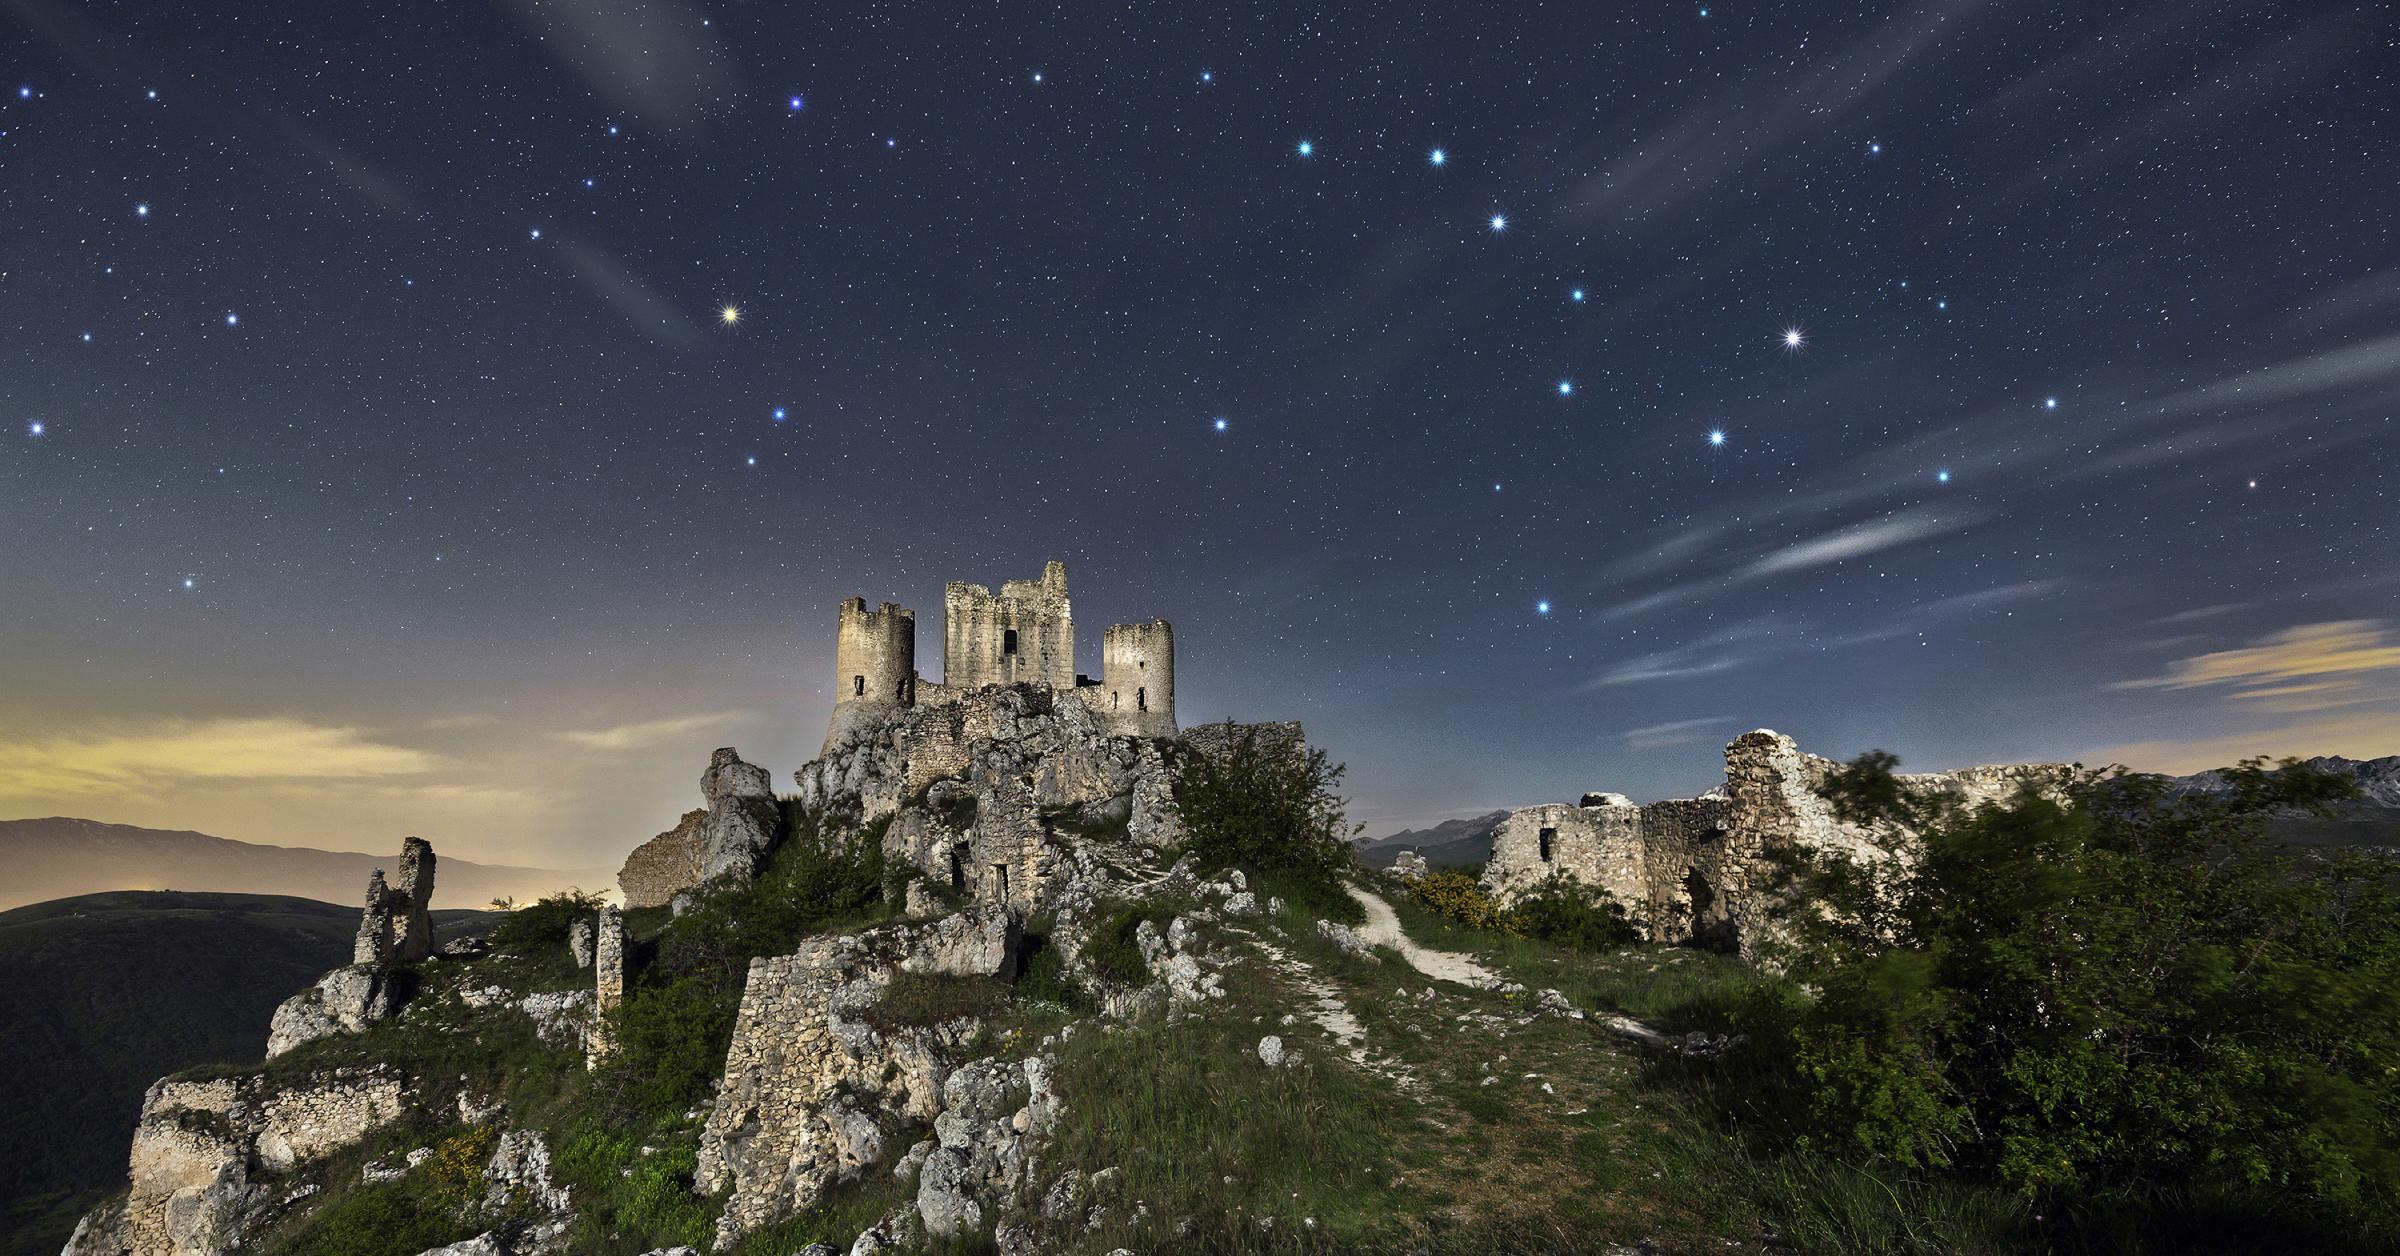 Costellazioni sopra Rocca Calascio dell'astrofotografo Cristian Fattinnanzi